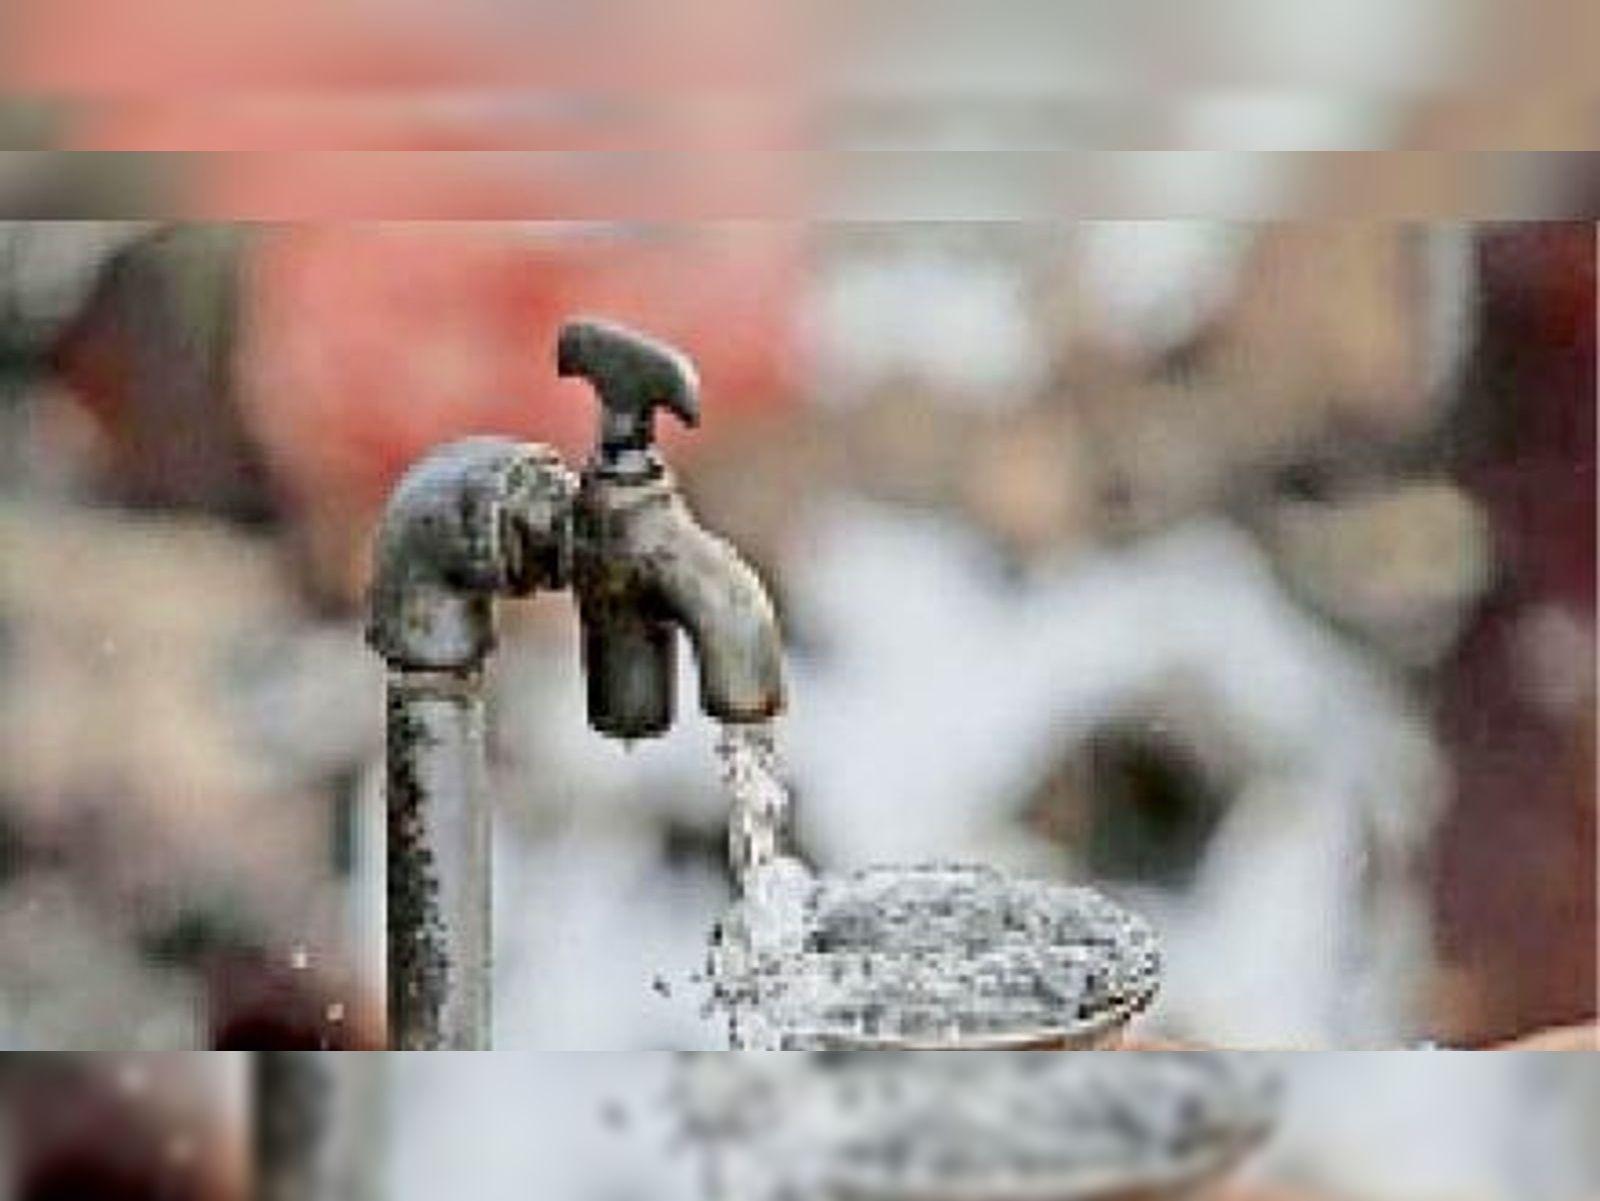 जल जीवन मिशन के पेयजल प्रोजेक्ट में बड़ी गड़बड़ी उजागर हुई है। - Dainik Bhaskar